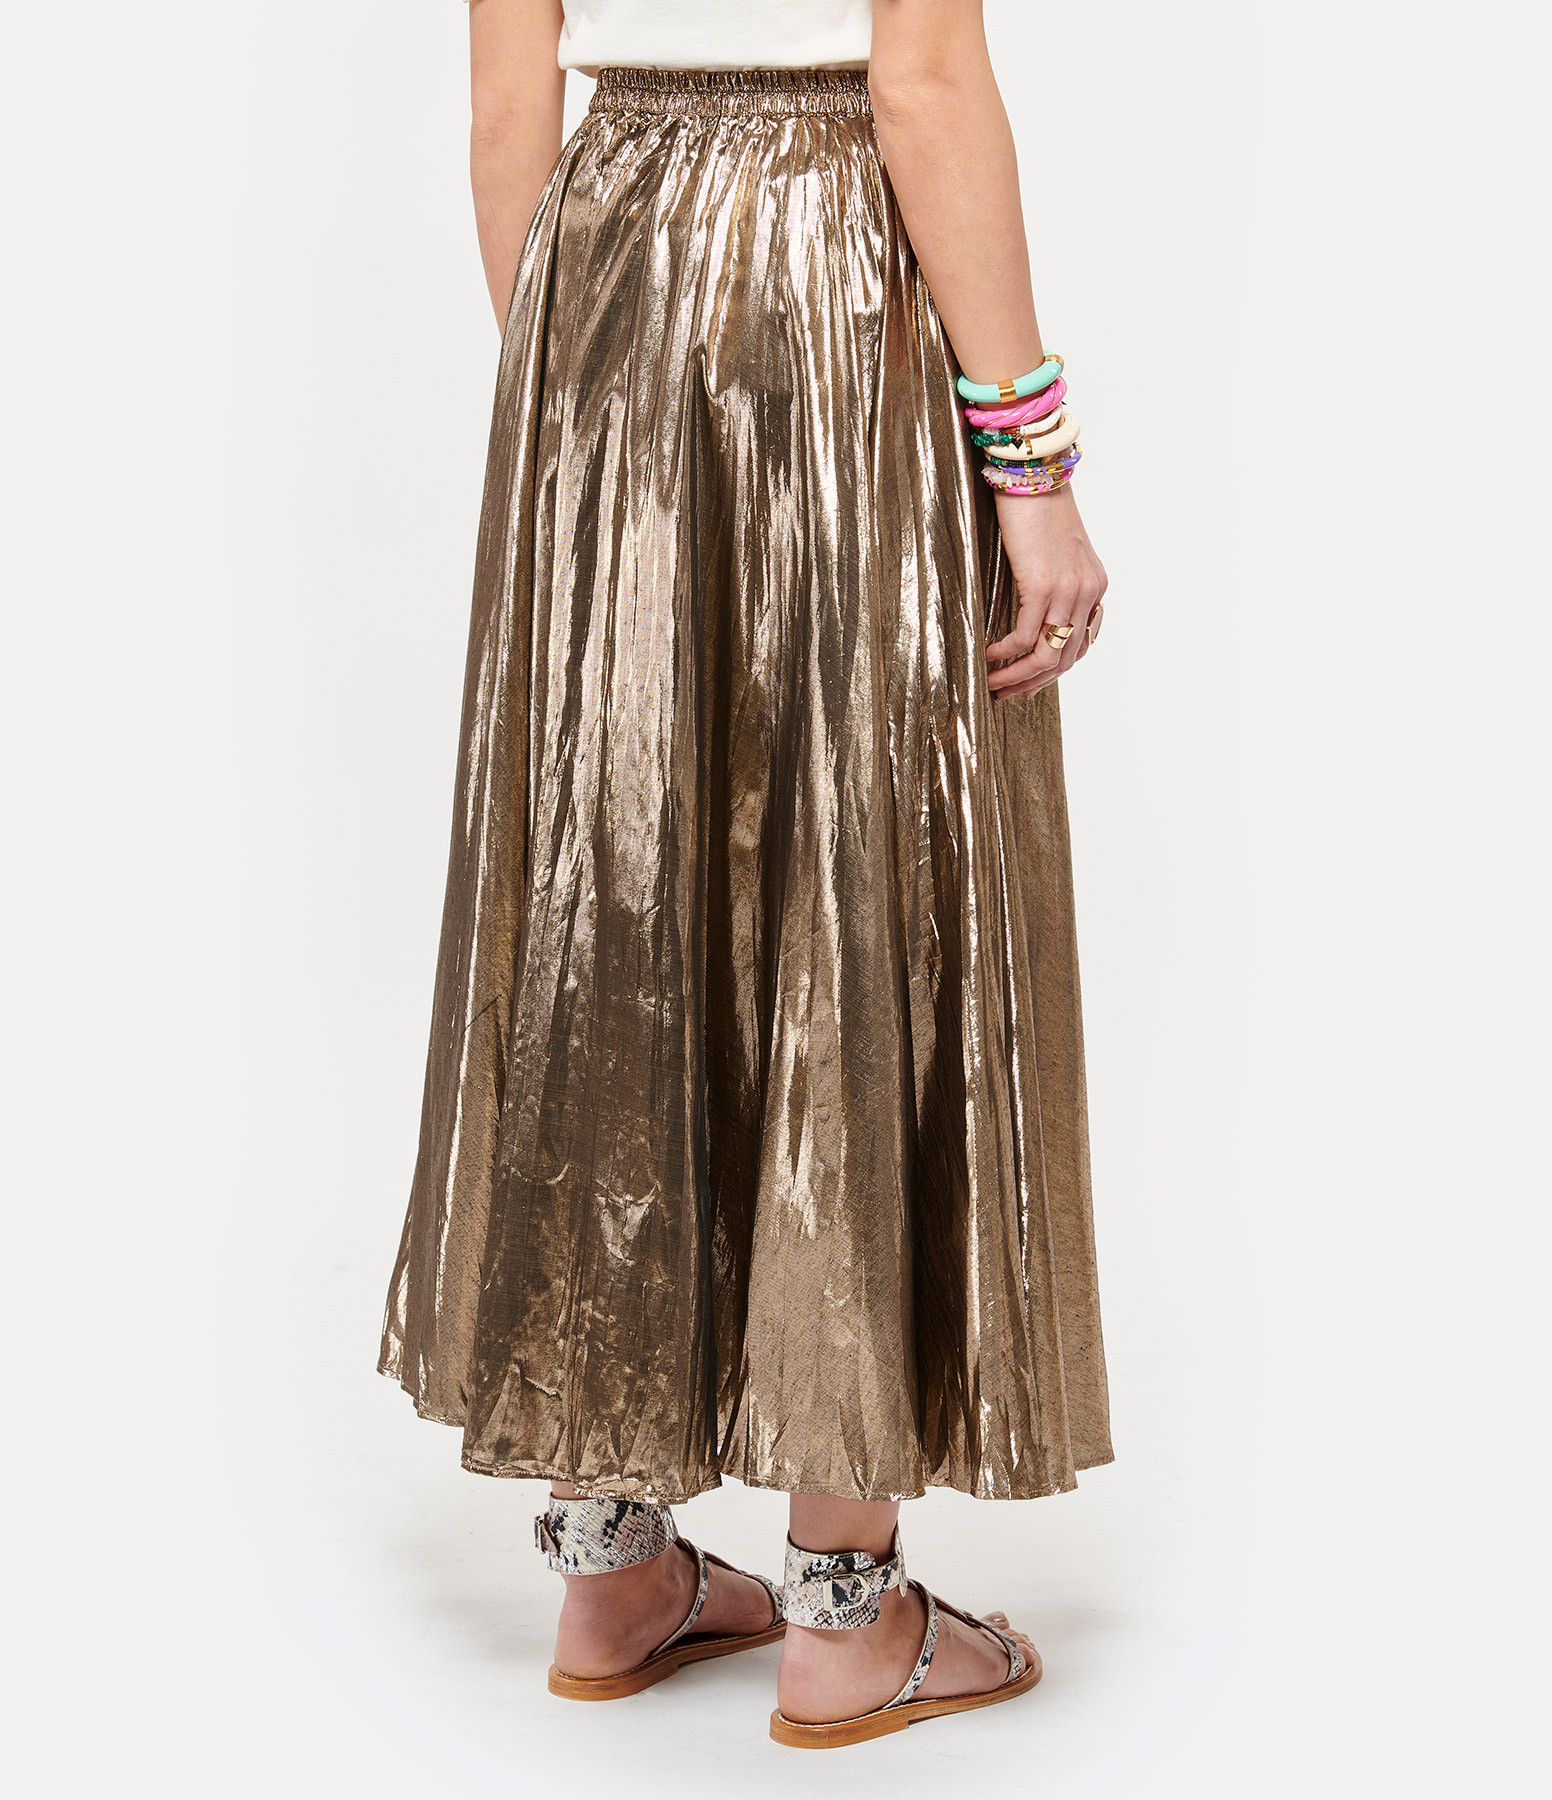 MES DEMOISELLES - Jupe Luxor Coton Platine